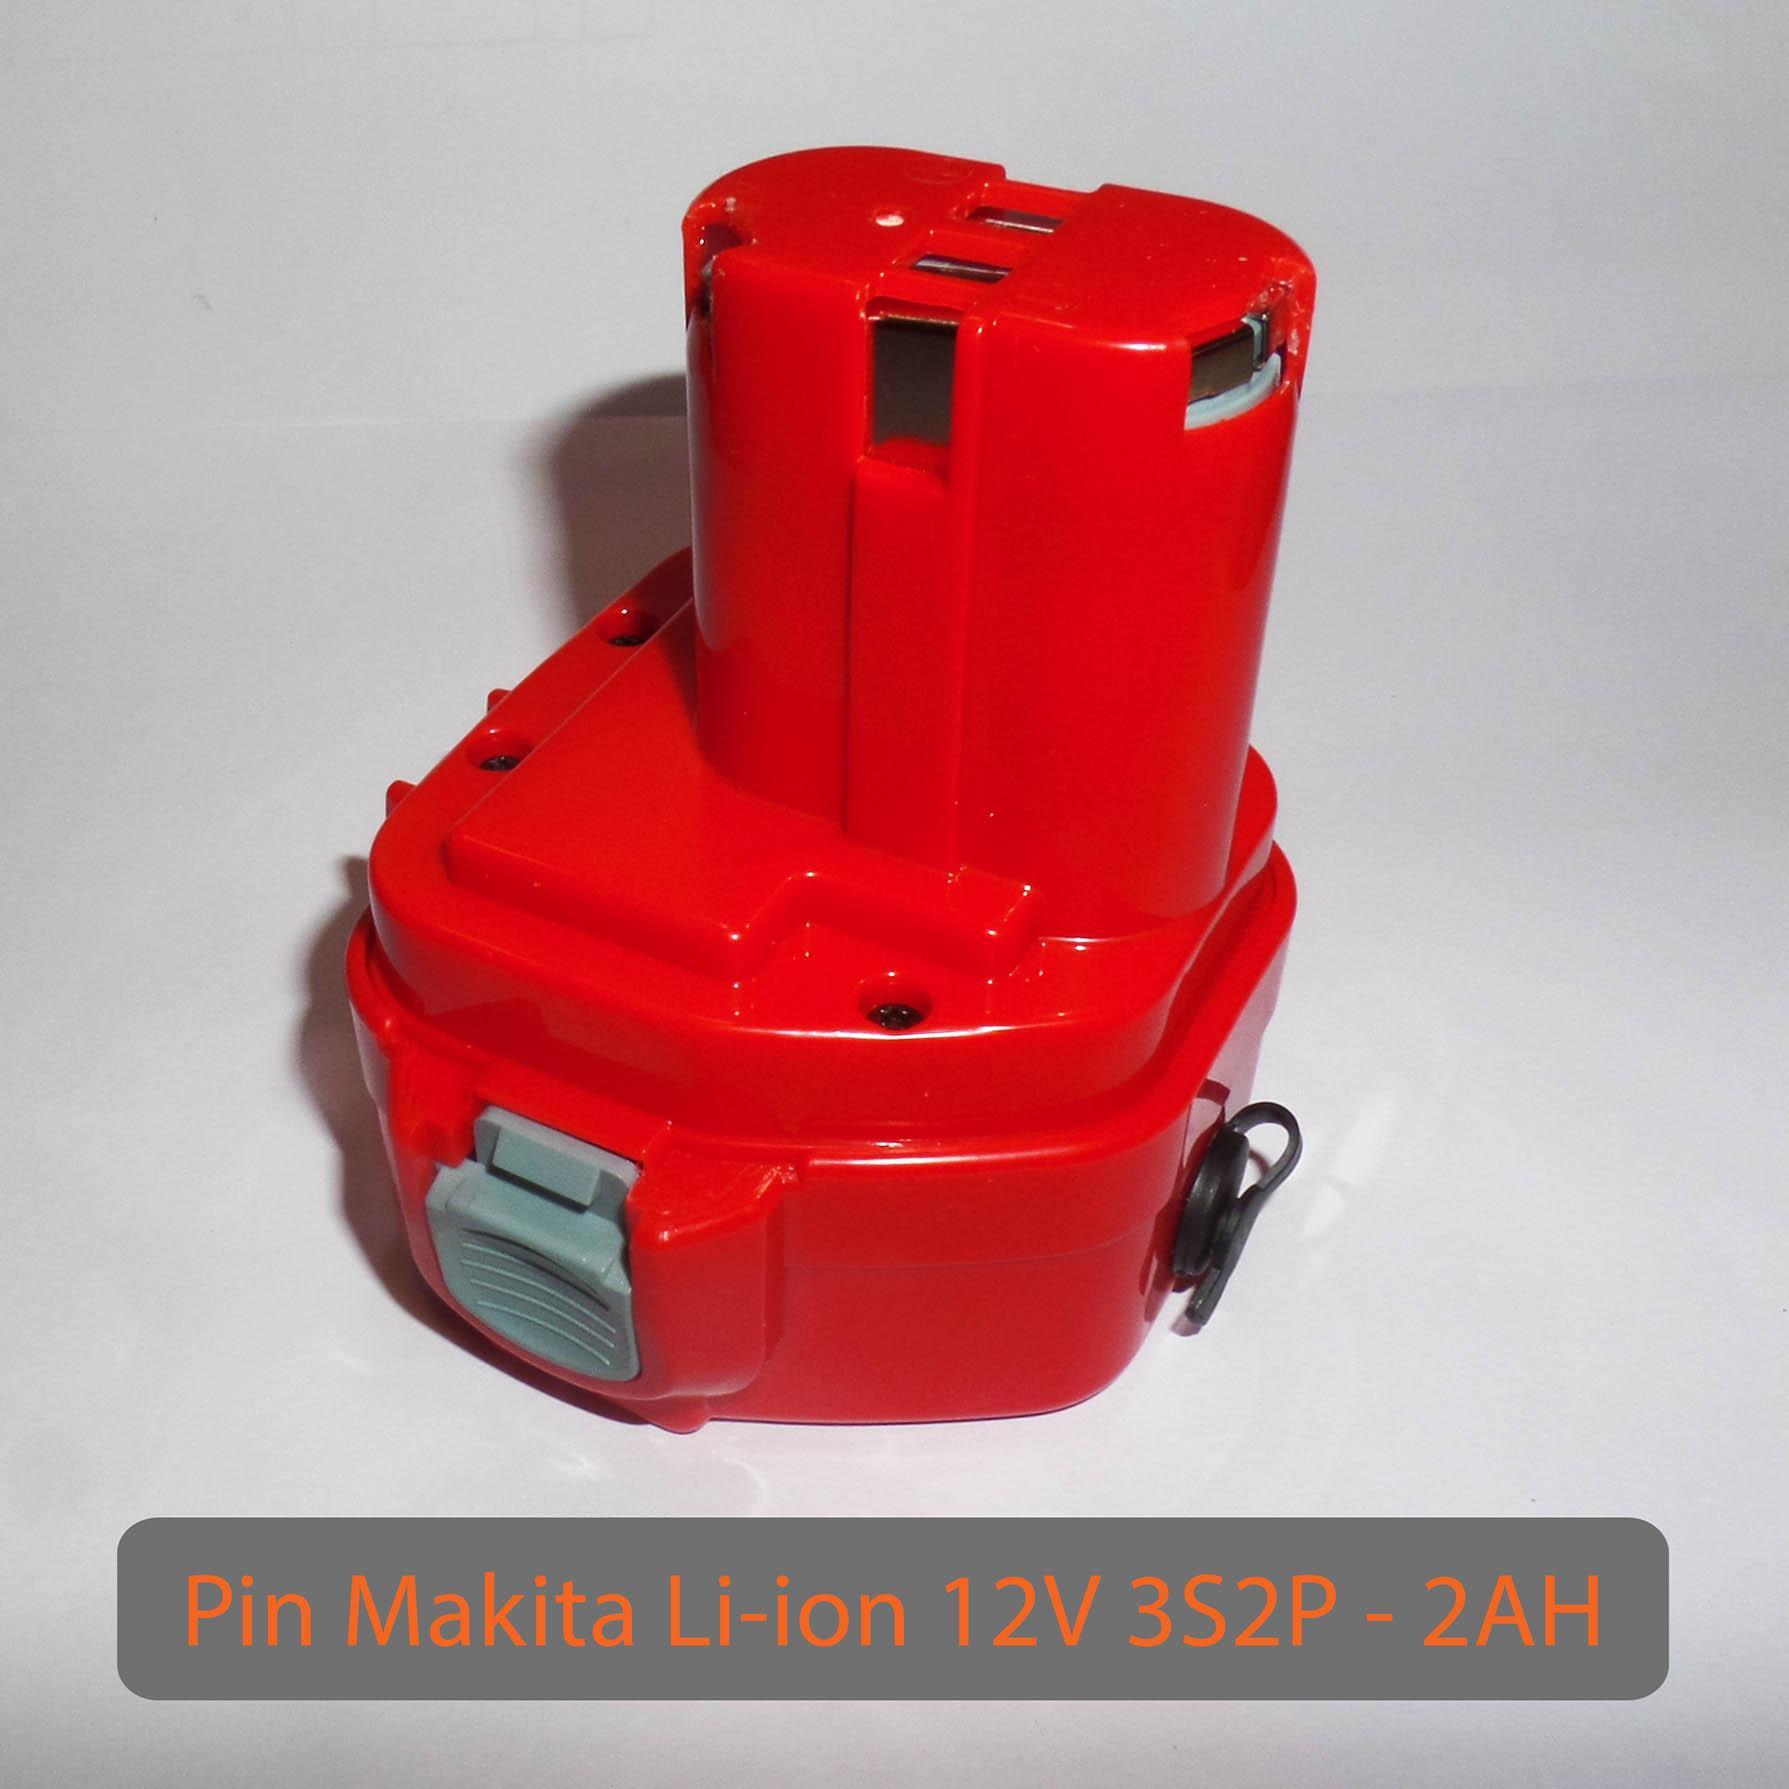 PIN MAKITA 12V Li-ion LiShen 3S1P - dung lượng 2AH - Dòng xả 20A -Mạch bảo vệ và sạc cân bằng